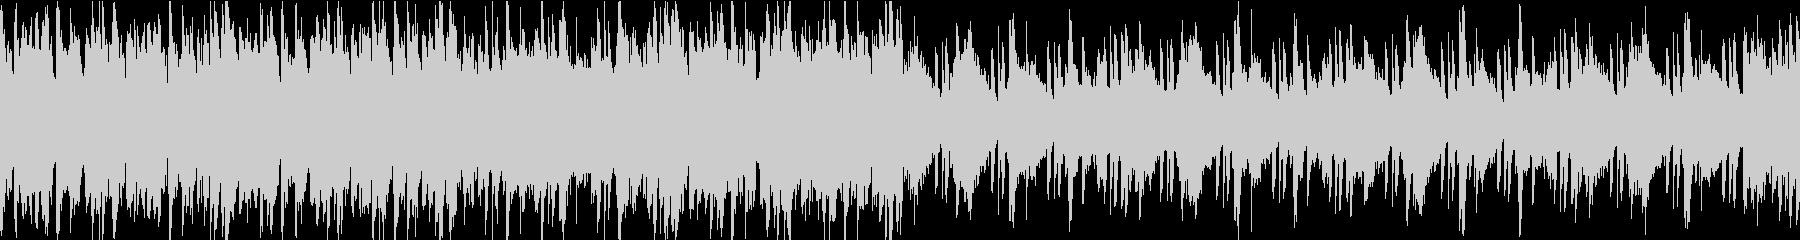 おだやか/琴/尺八/カラオケ/ループの未再生の波形